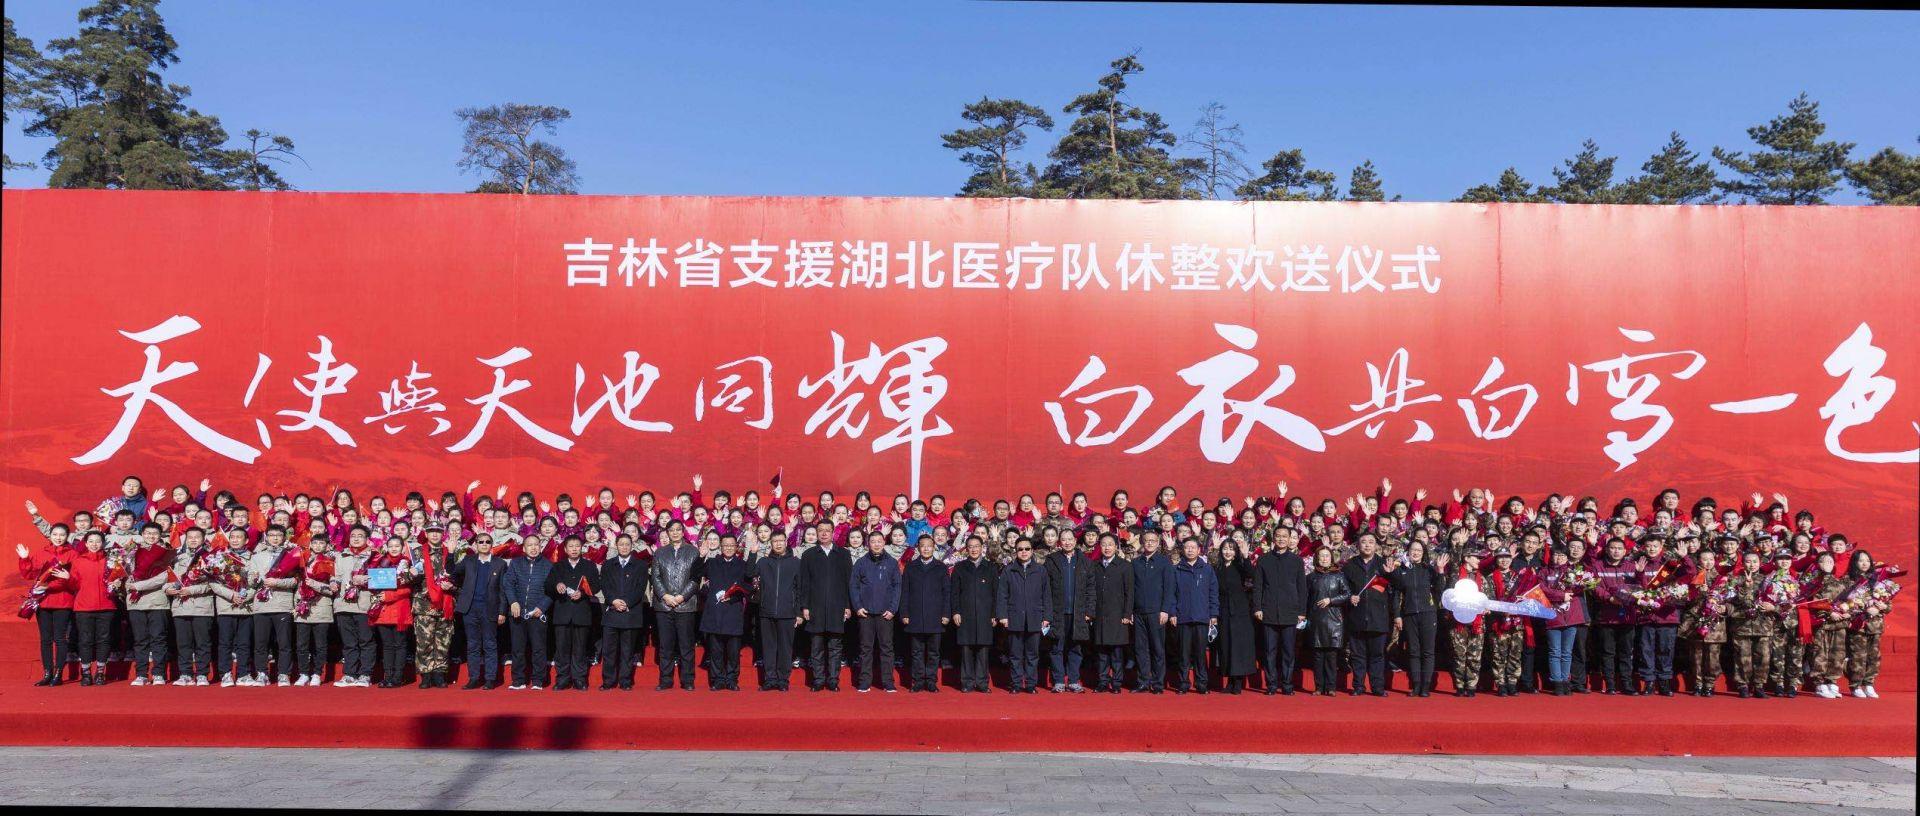 吉林省首批支援湖北返吉医疗队结束集中休整返程欢送仪式举行